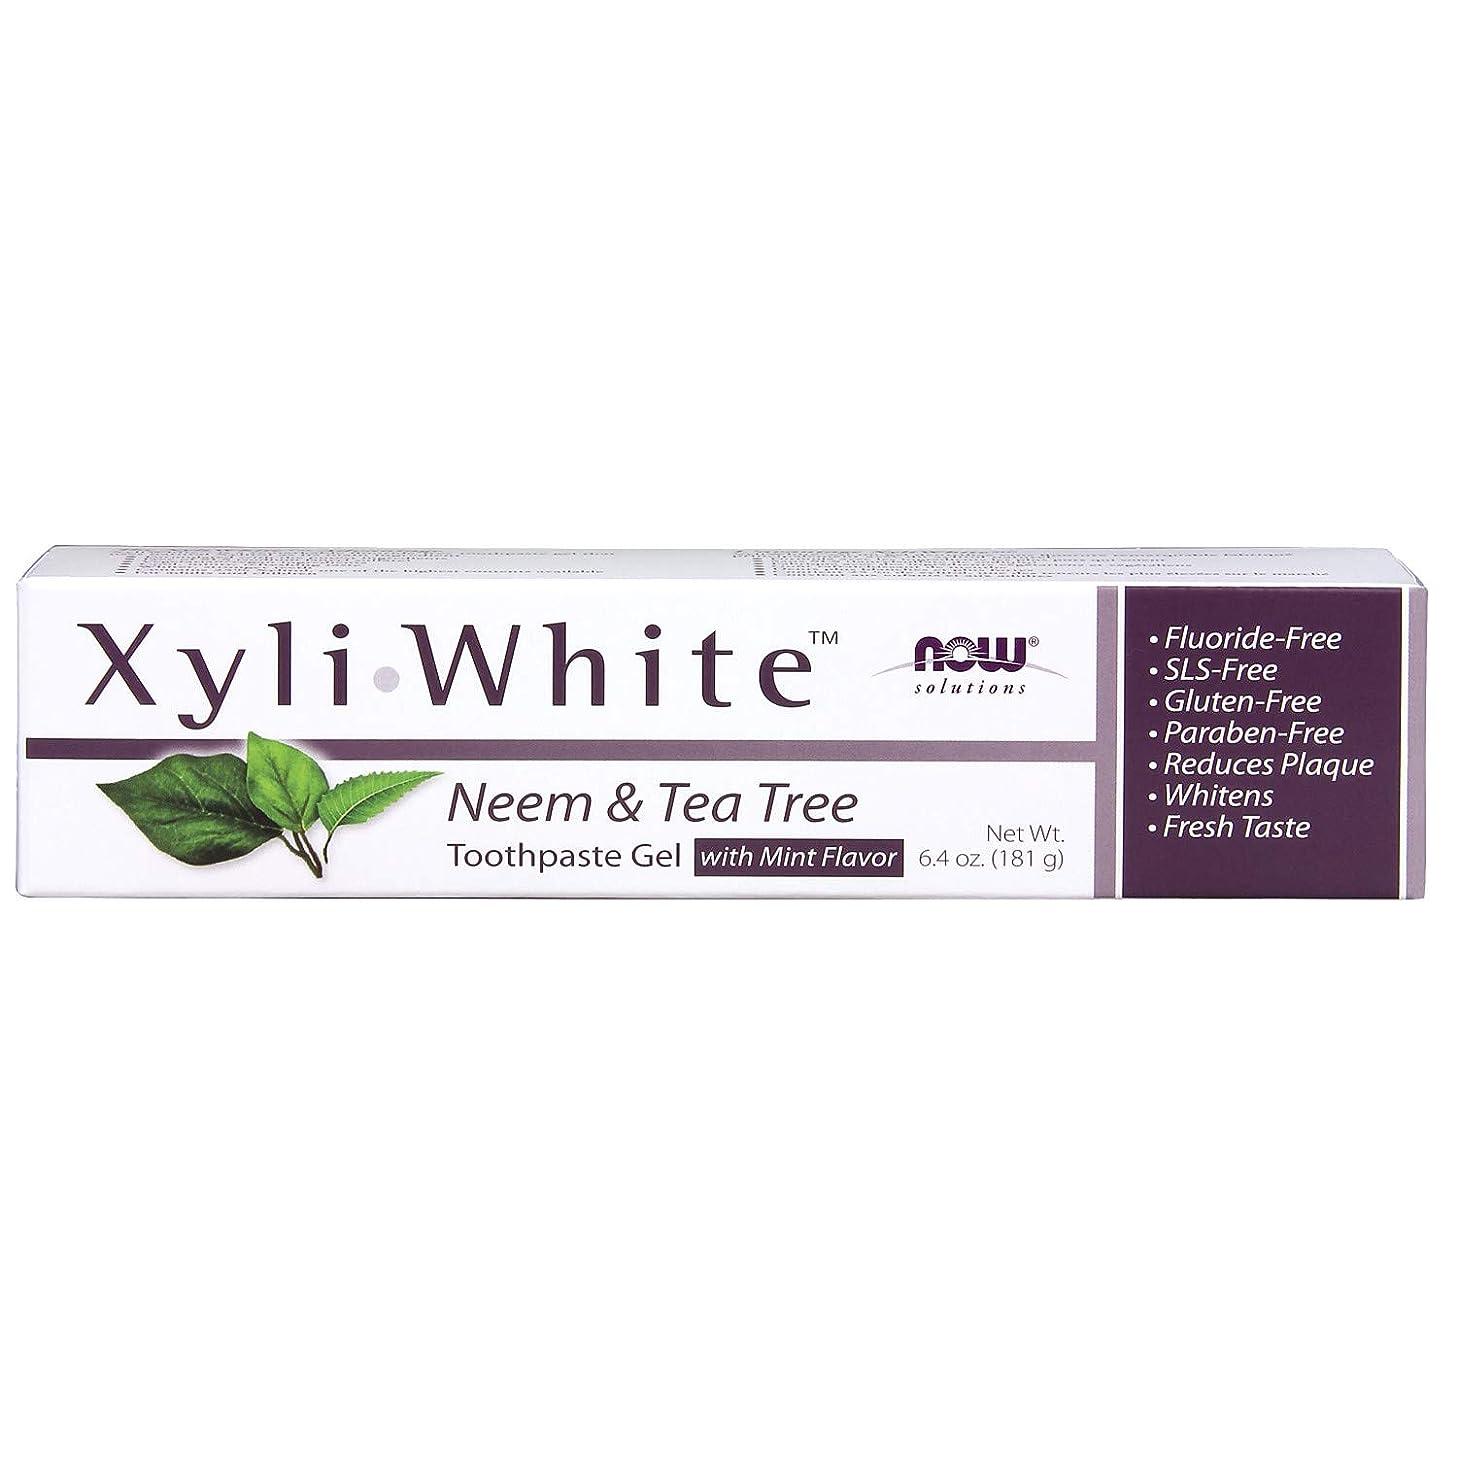 失敗賃金最小化するキシリトール 歯磨きジェル  ニーム&ティーツリーミントフレーバー 6.4 oz (181 g)